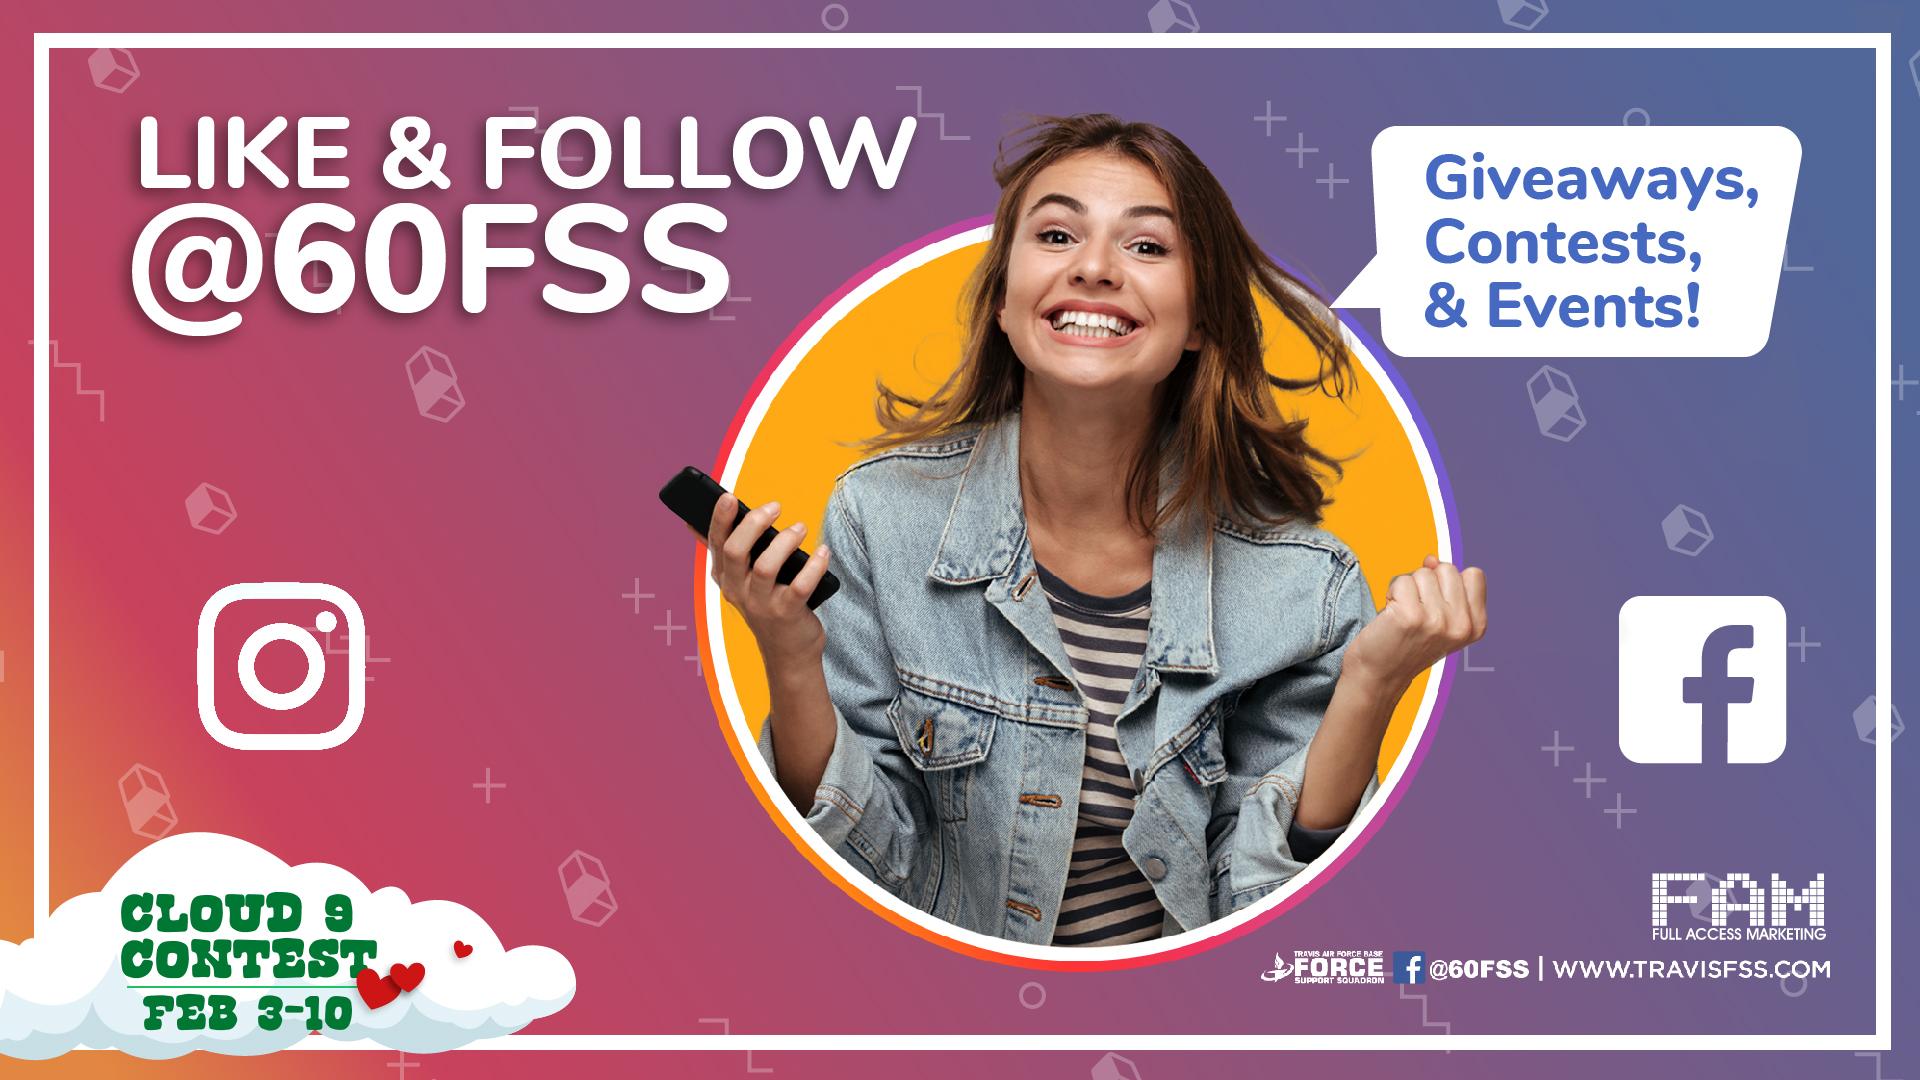 FSS_SocialMedia_1920x1080_v1